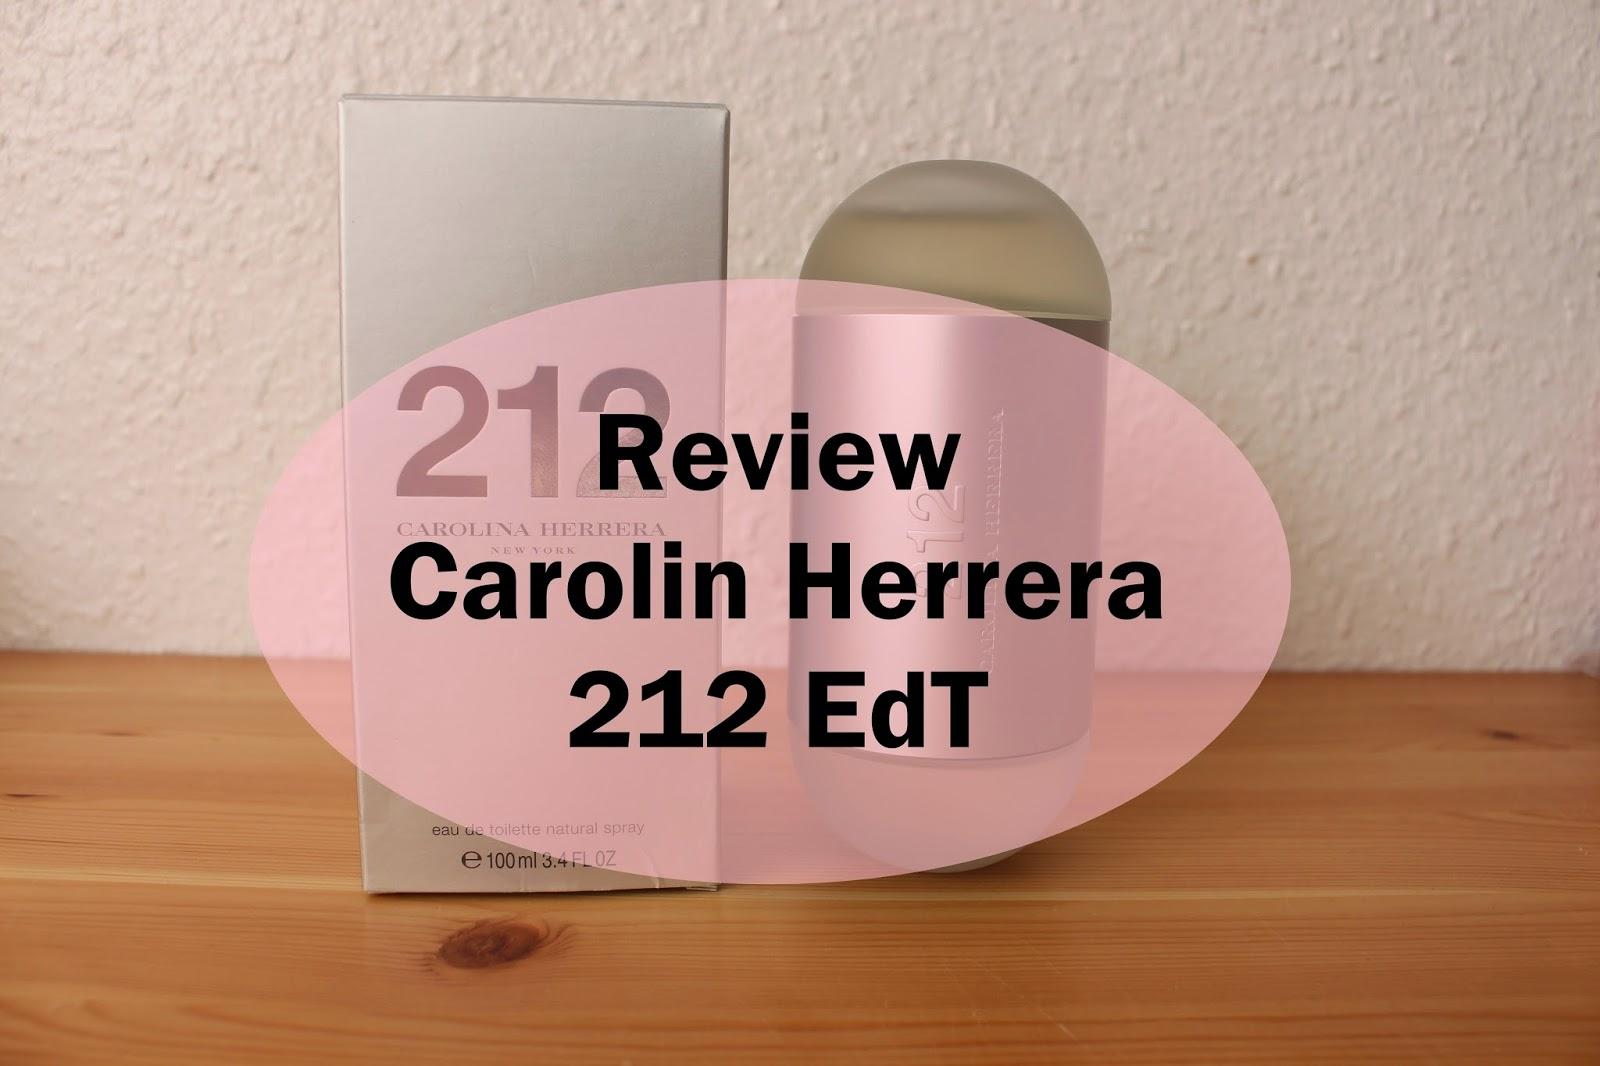 Carolina Herrera 212 EdT